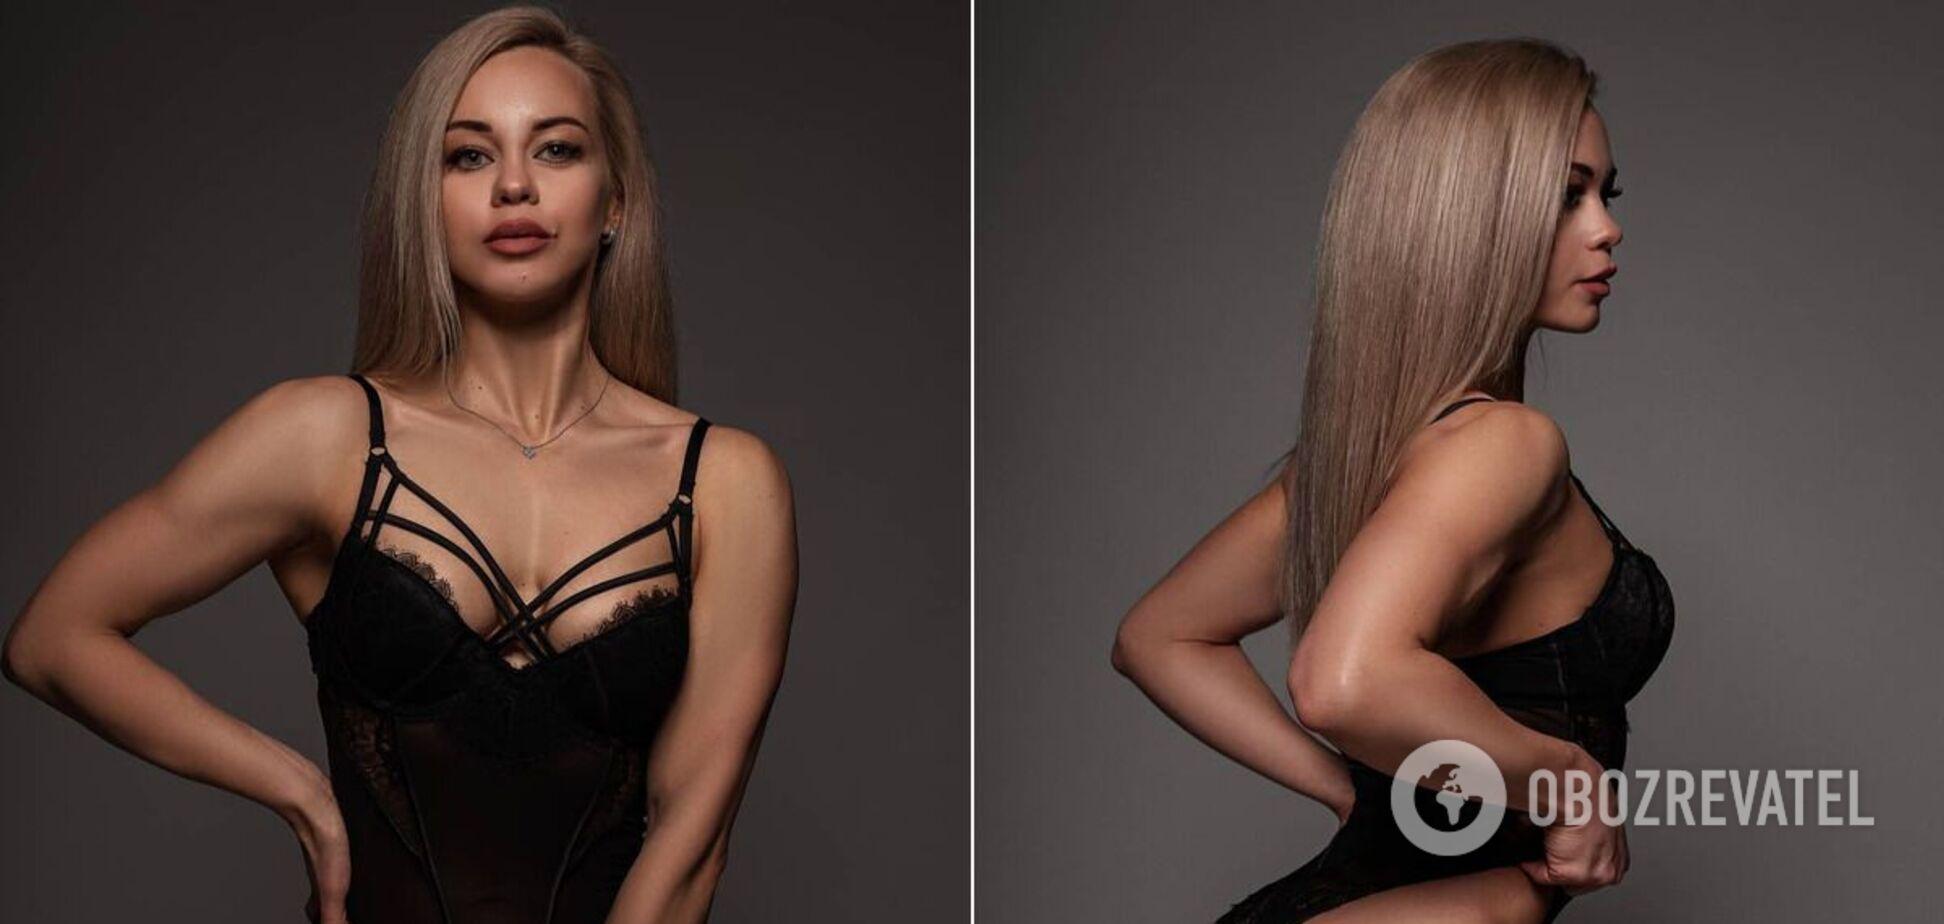 Українська чемпіонка світу знялася у відвертій фотосесії